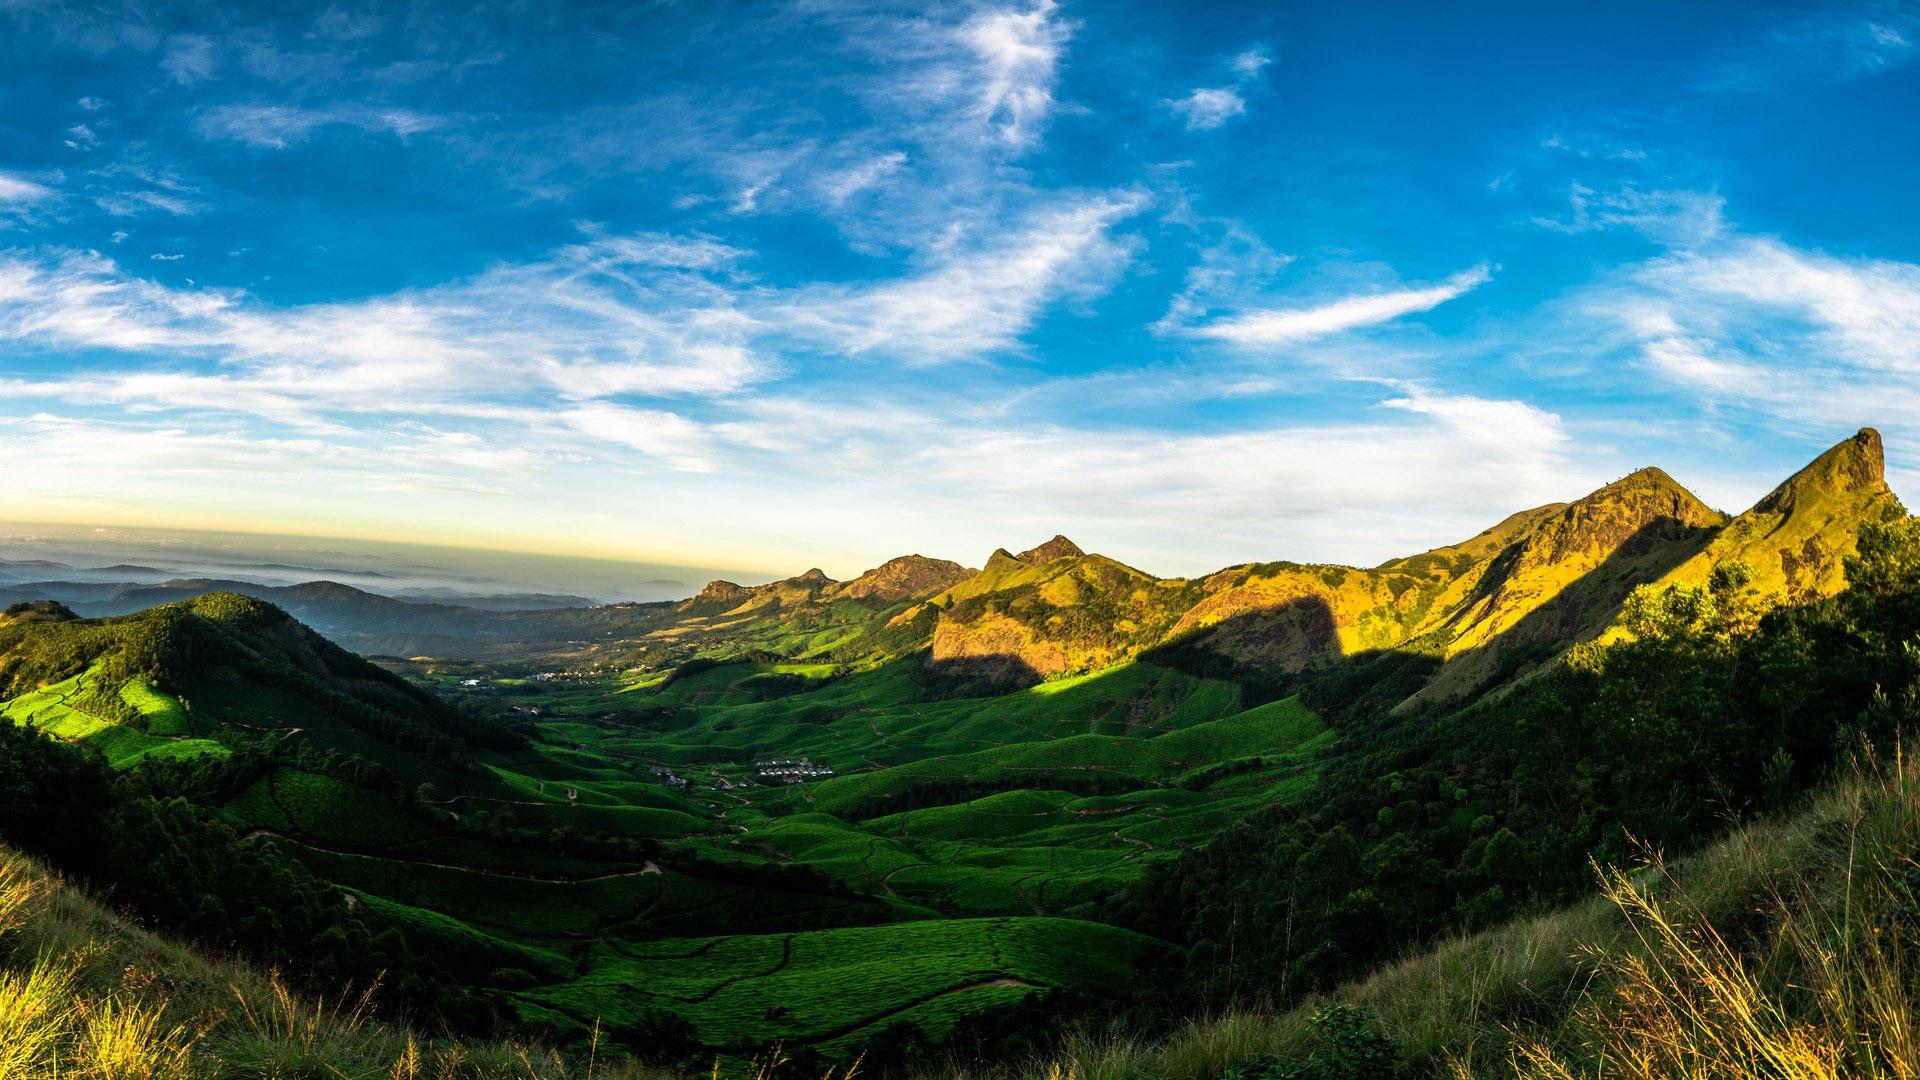 风景大片,蓝天白云,山谷,山脉,山峰